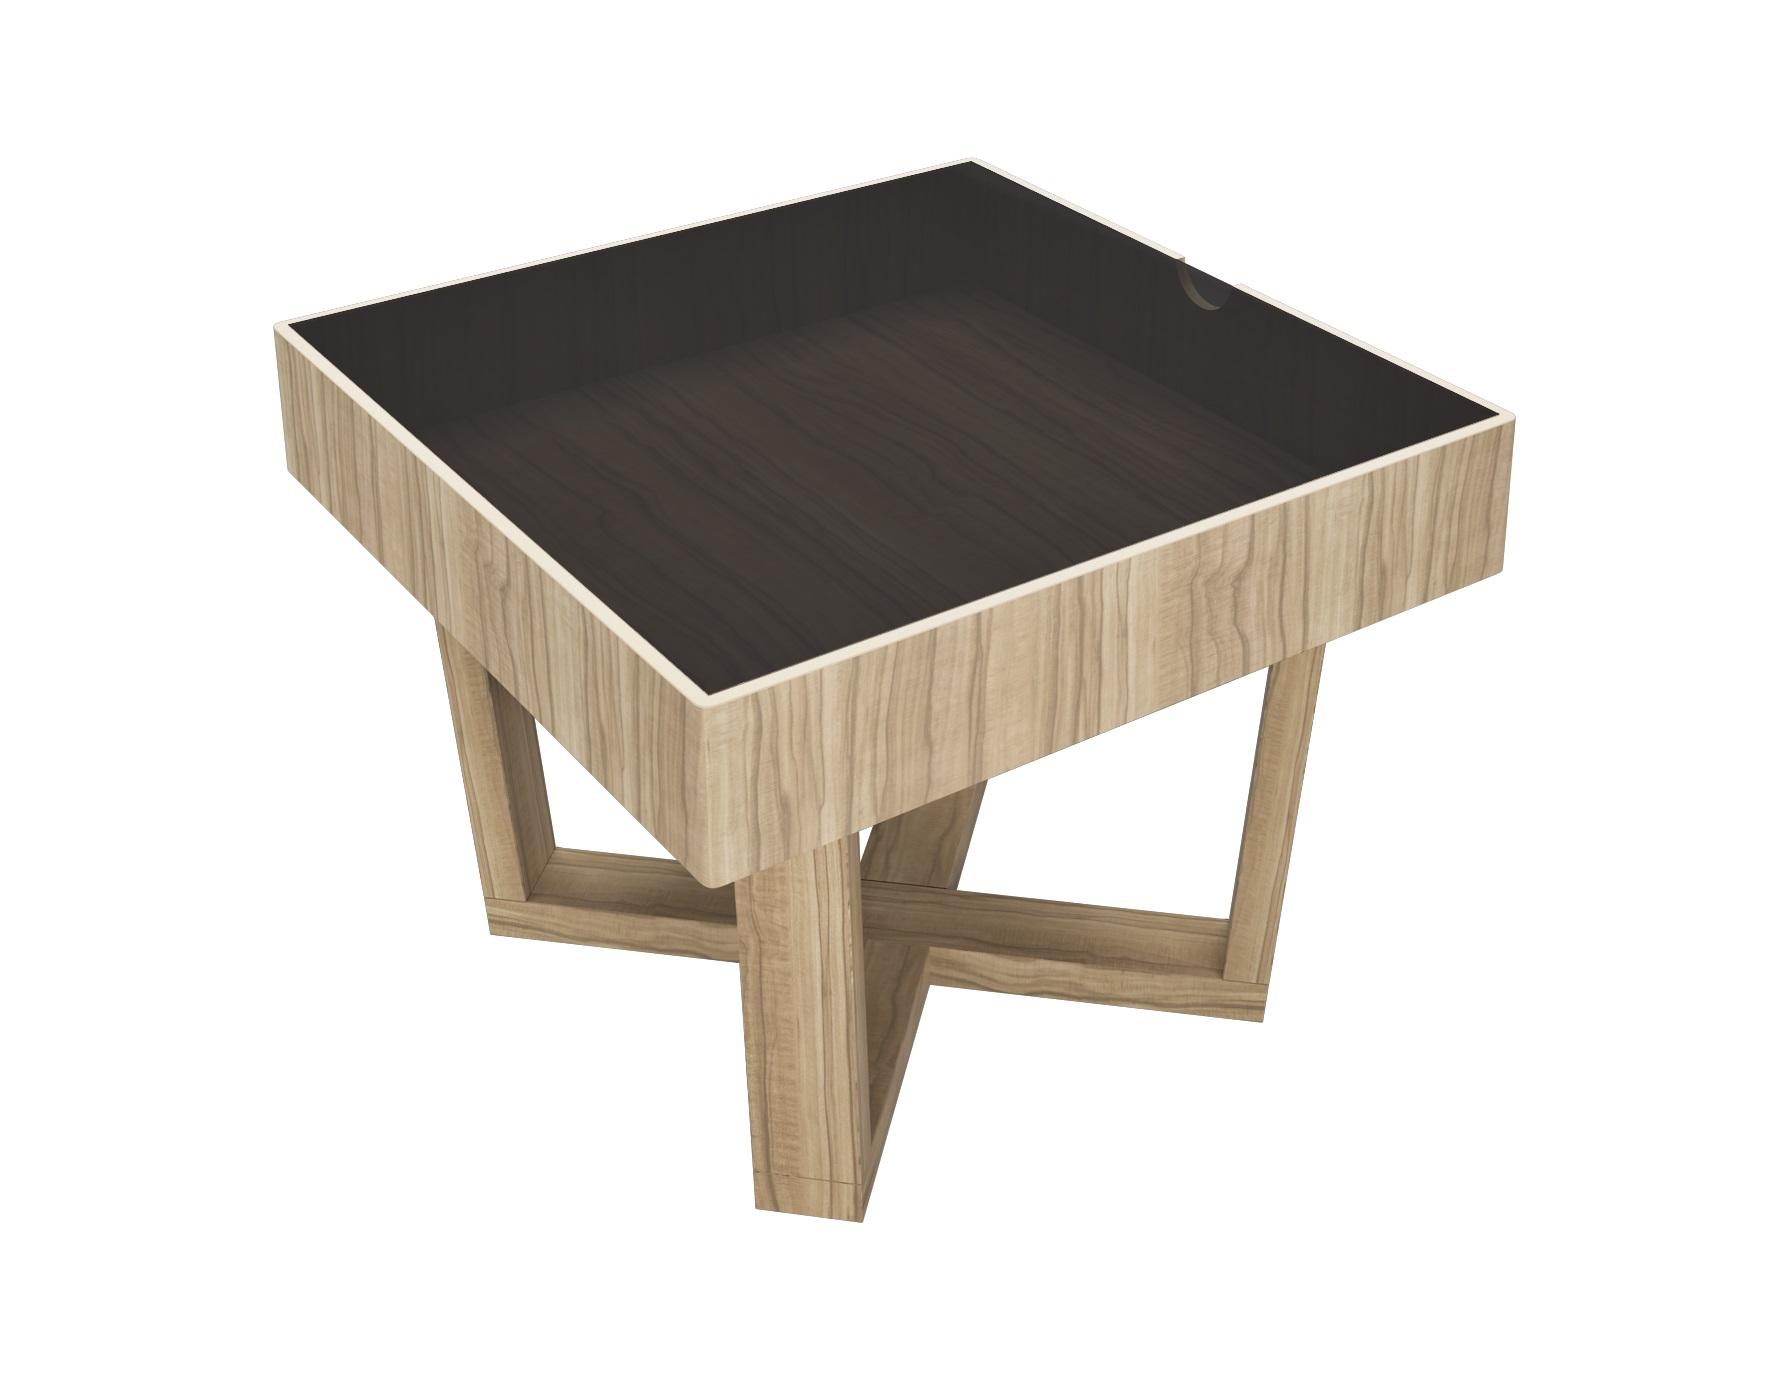 Столик Lago MaggioreЖурнальные столики<br>Стильный и изящный предмет интерьера - журнальный столик Lago Maggiore, изготовлен из массива дуба и натурального шпона. Столик одинаково хорошо смотрится как в строгих офисных, так и в домашних интерьерах. Отлично сочетается с остальной мебелью серии.<br><br>Варианты исполнения: венге или беленый дуб.<br><br>Material: Дерево<br>Ширина см: 65<br>Высота см: 50